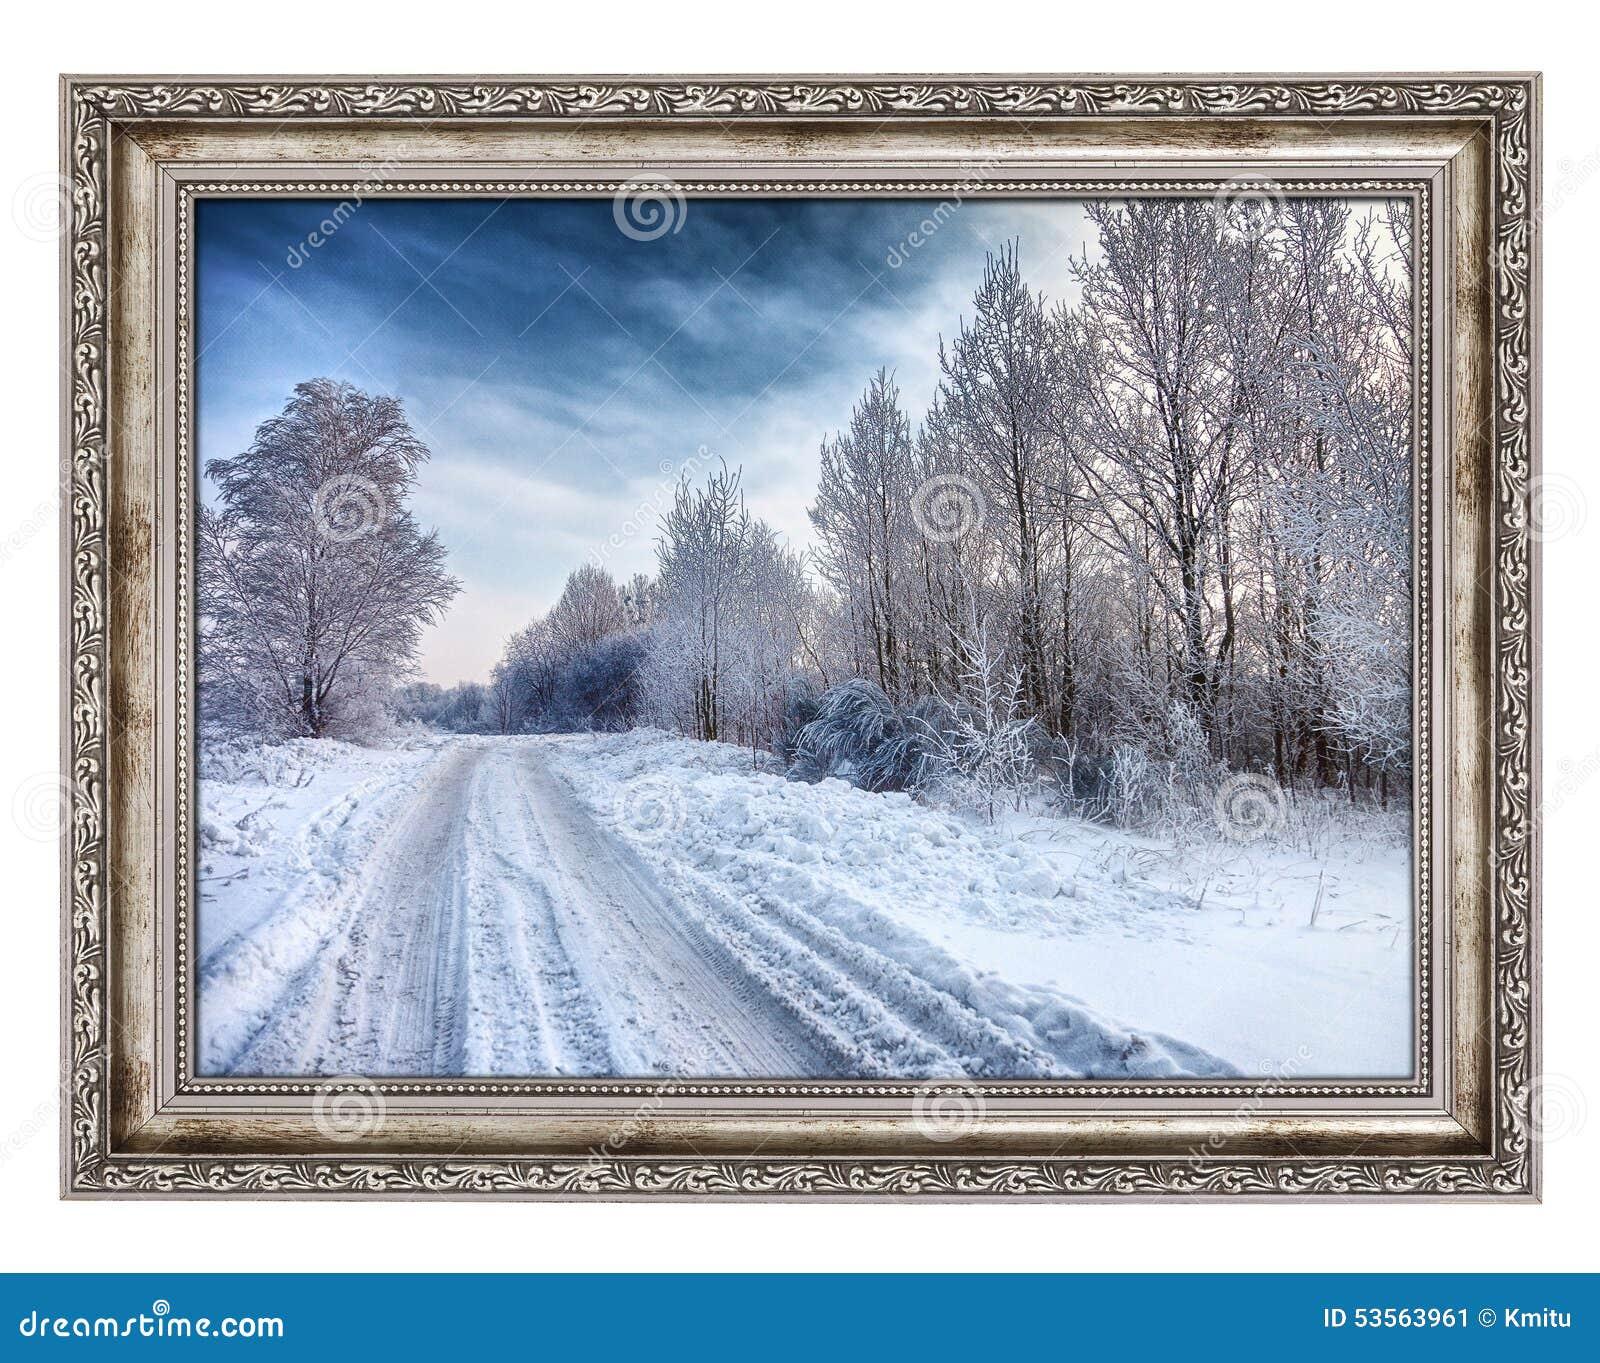 vieux cadre en bois avec le beau paysage d 39 hiver image stock image du pays antiquit 53563961. Black Bedroom Furniture Sets. Home Design Ideas